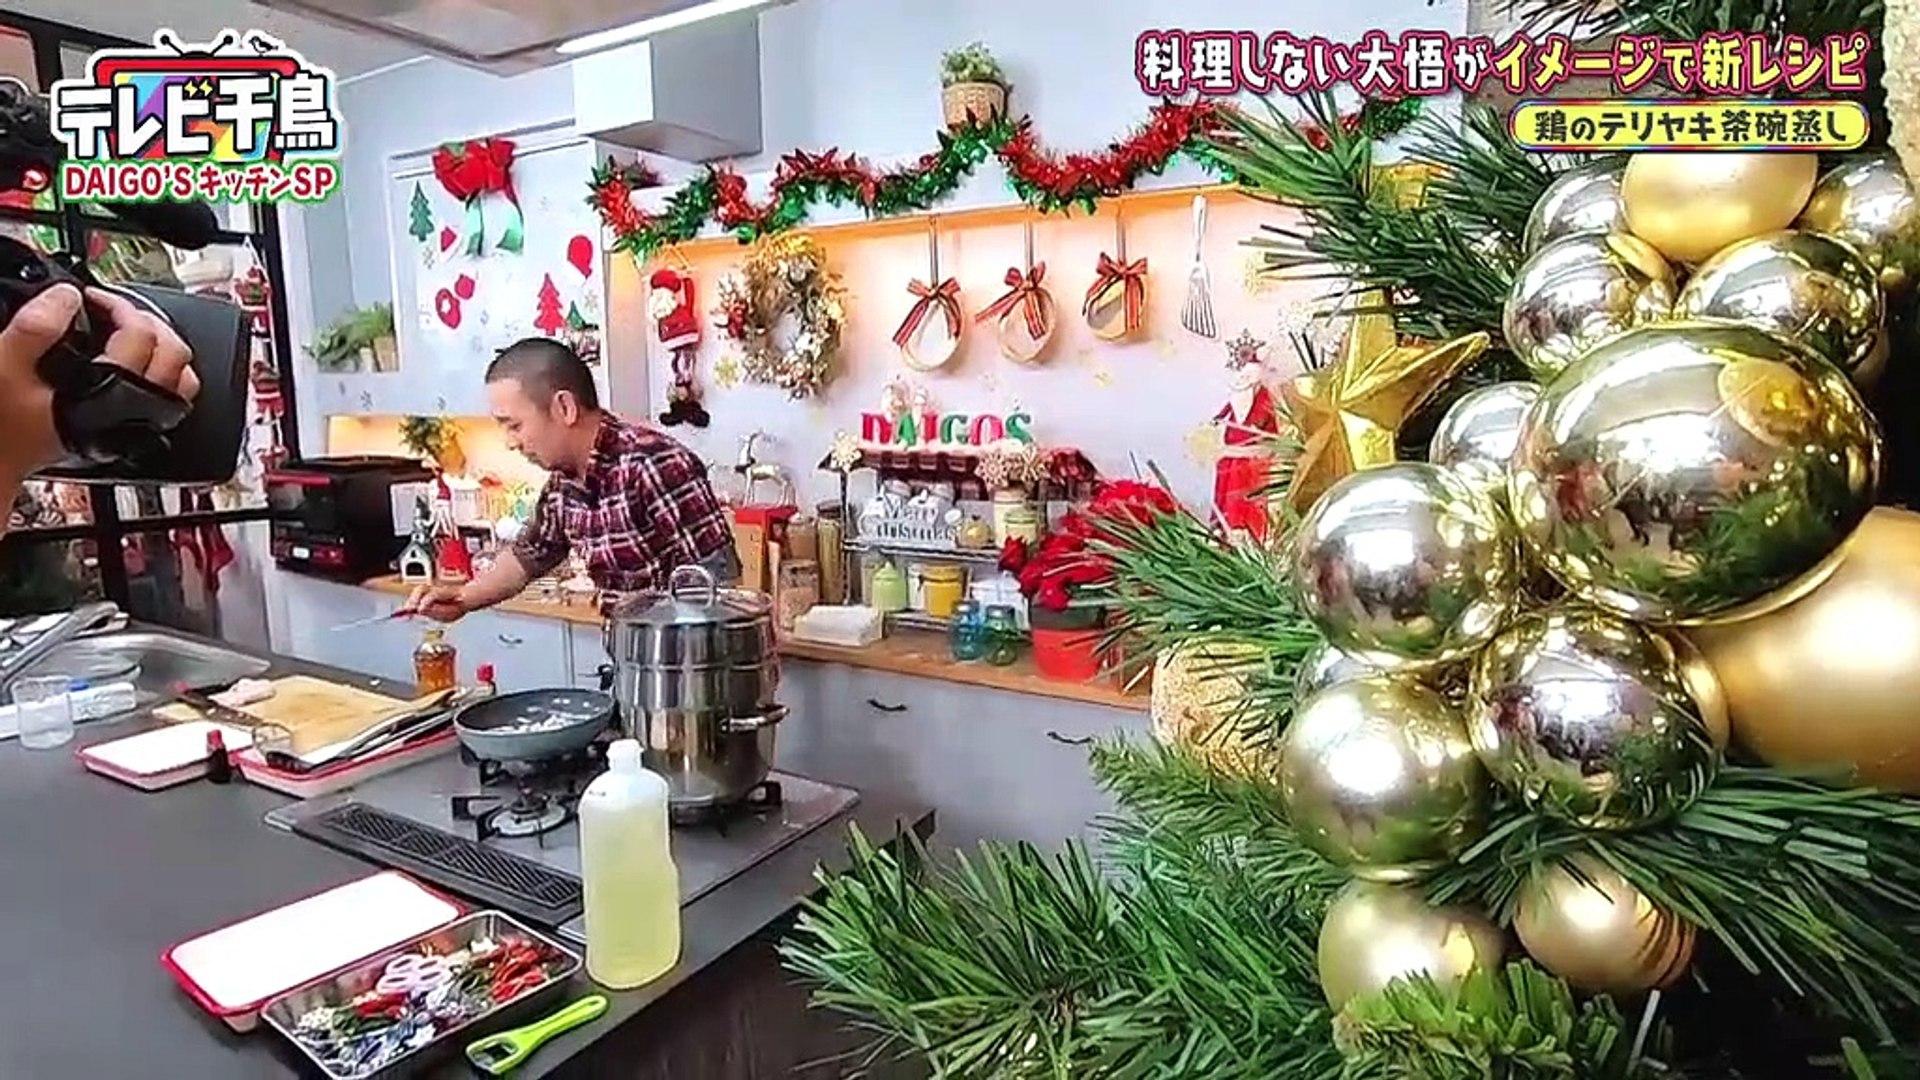 ズ クリスマス ダイゴ キッチン